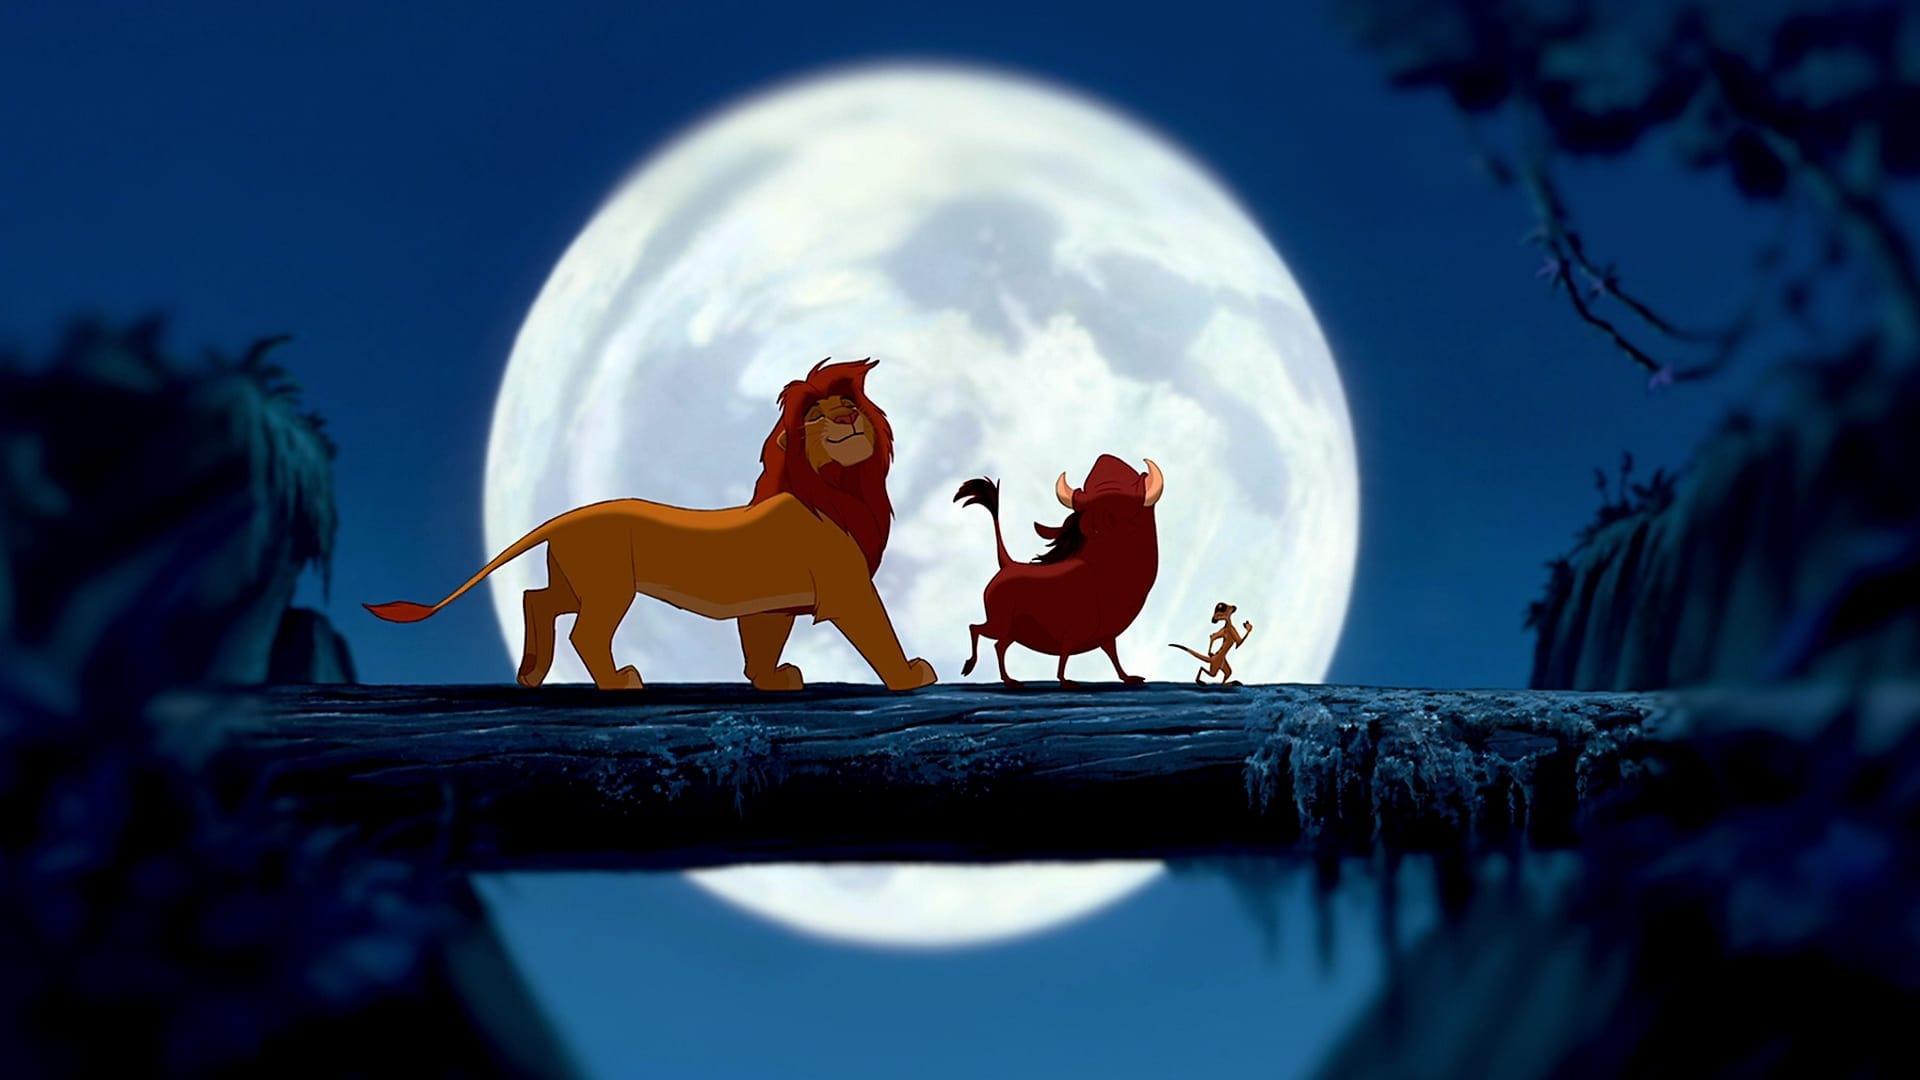 El rey león (1994)